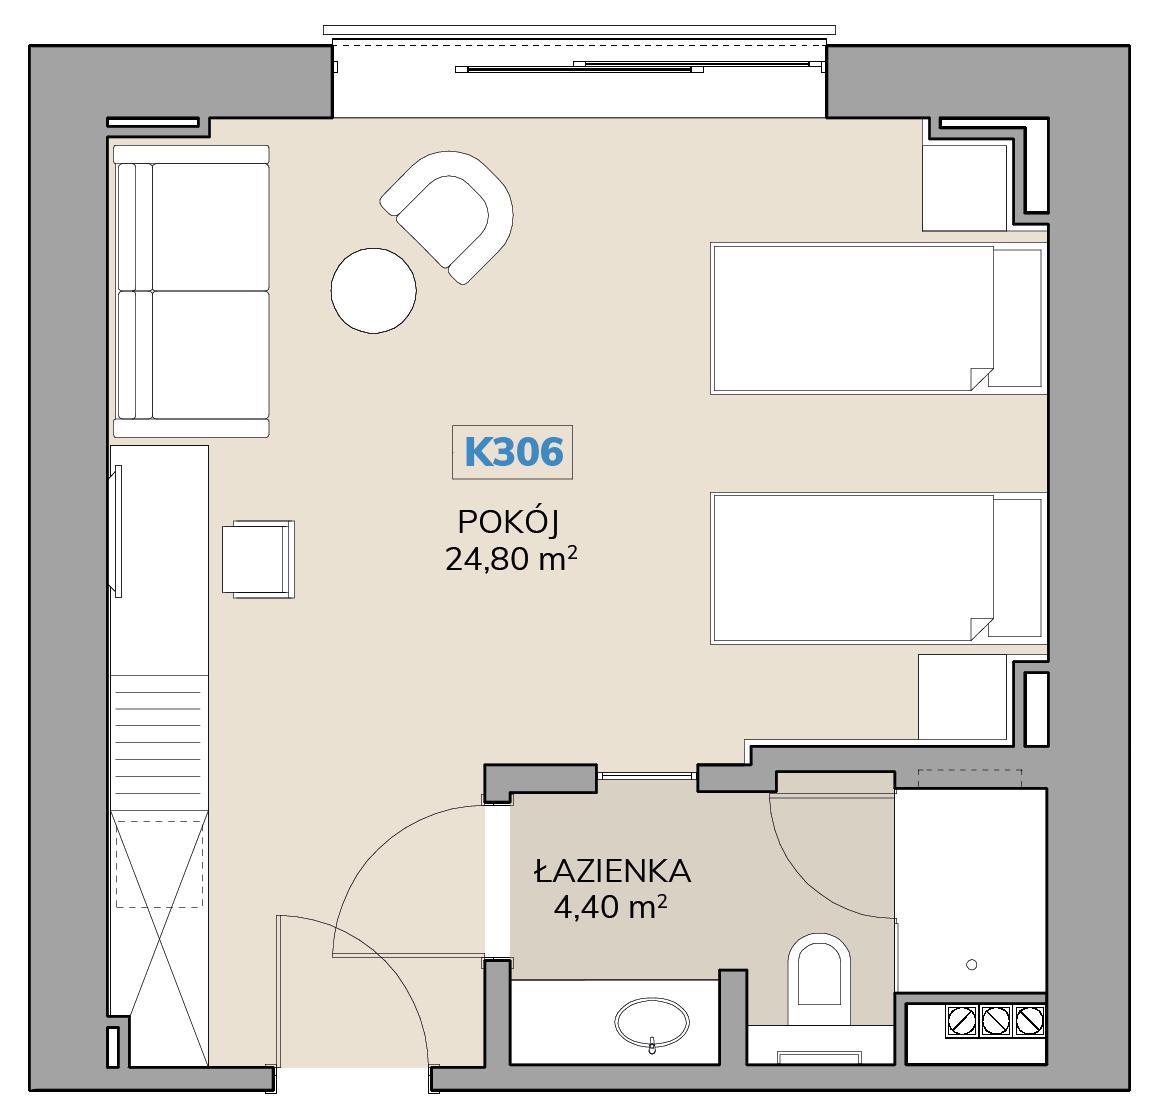 Apartament K306